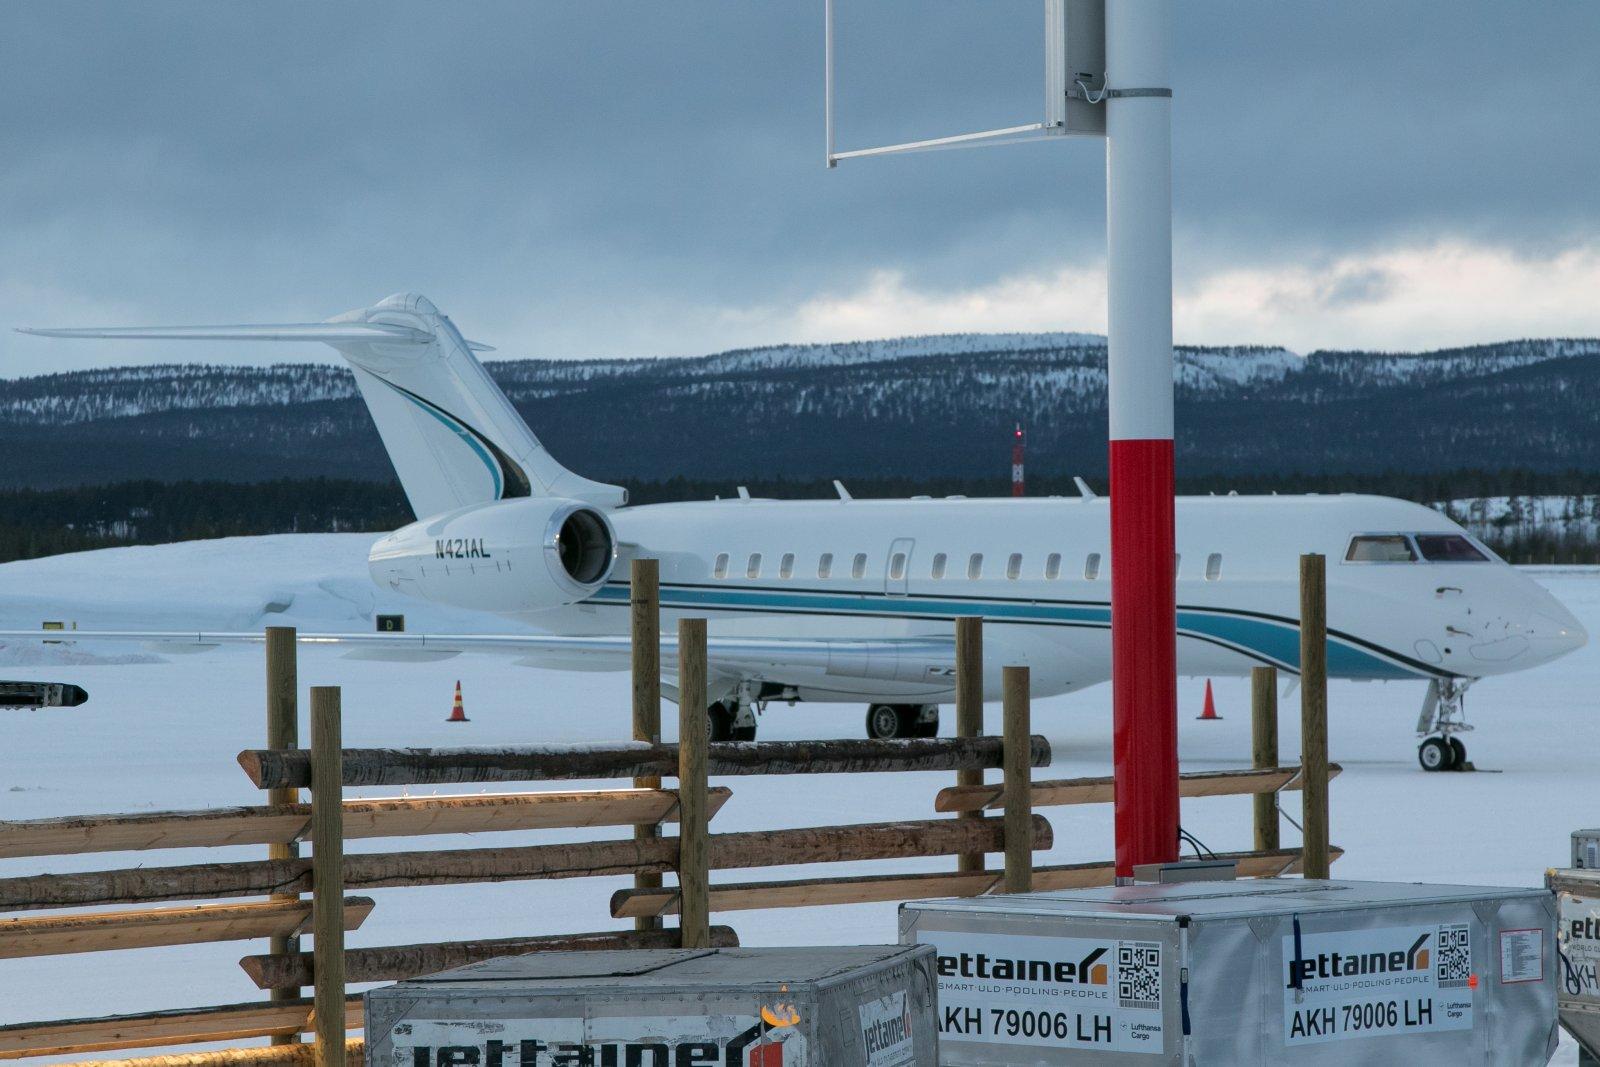 N421AL. Bombardier Global 6000. 22.2.2020. Los Angelesista Ivaloon.